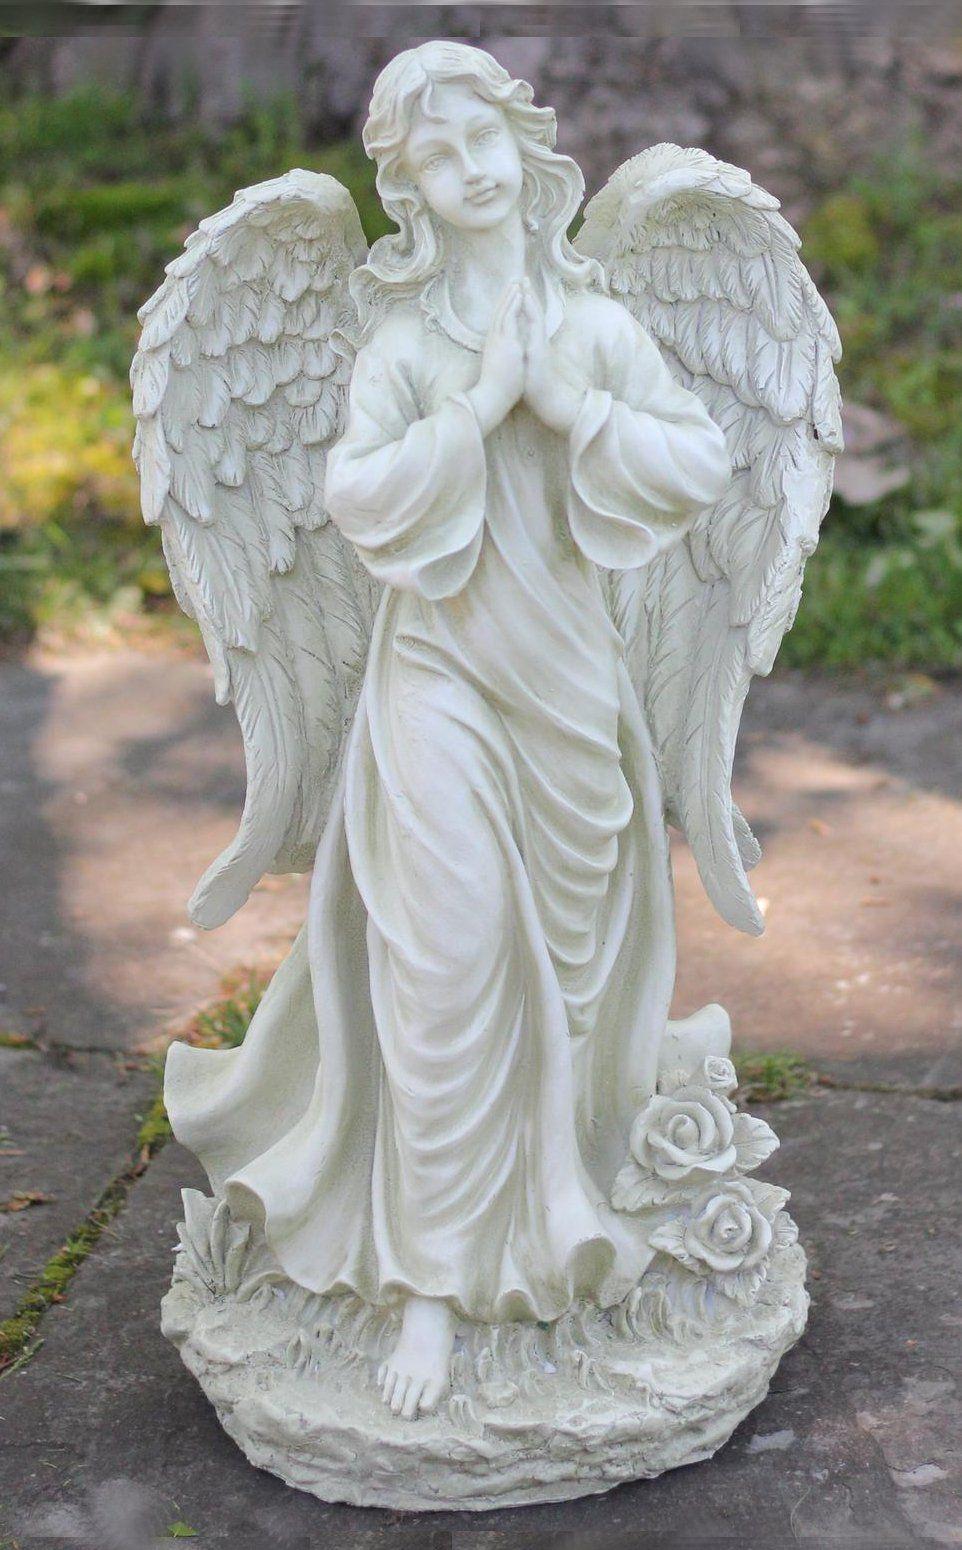 Prayerful Outdoor Angel Garden Statue Buy Angel Garden Statues